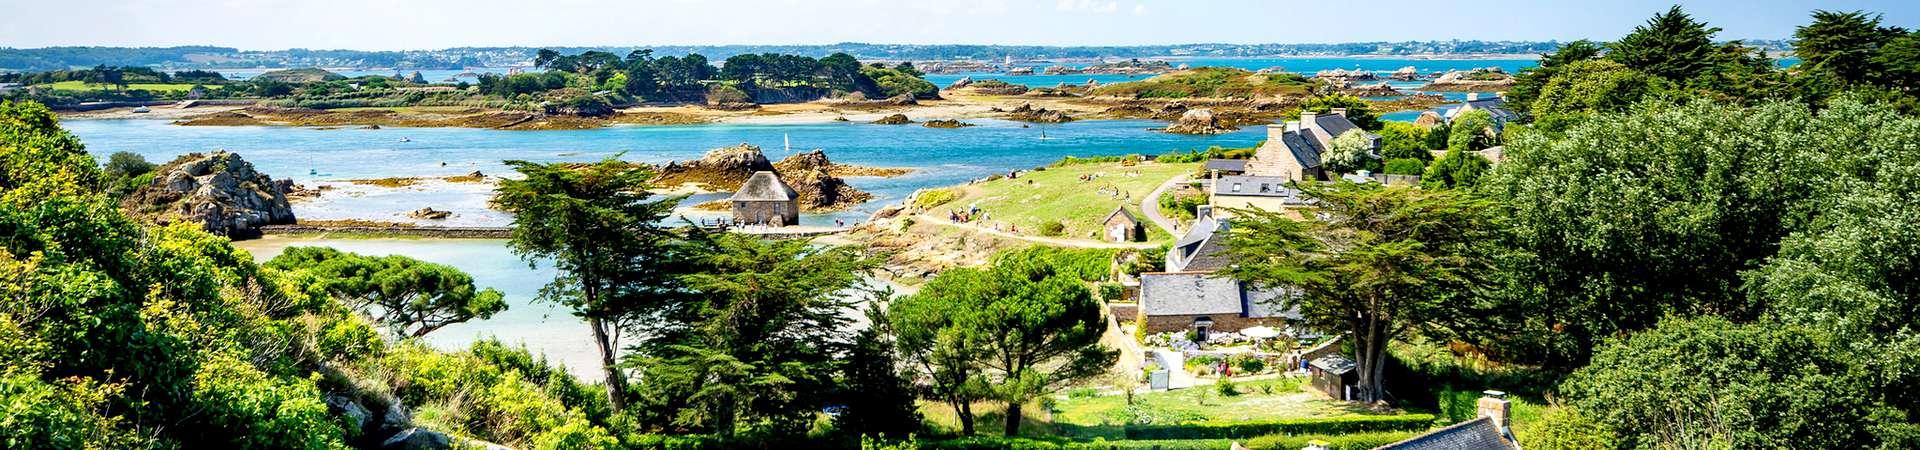 10 îles incontournables en Bretagne - Activité authentique et originale